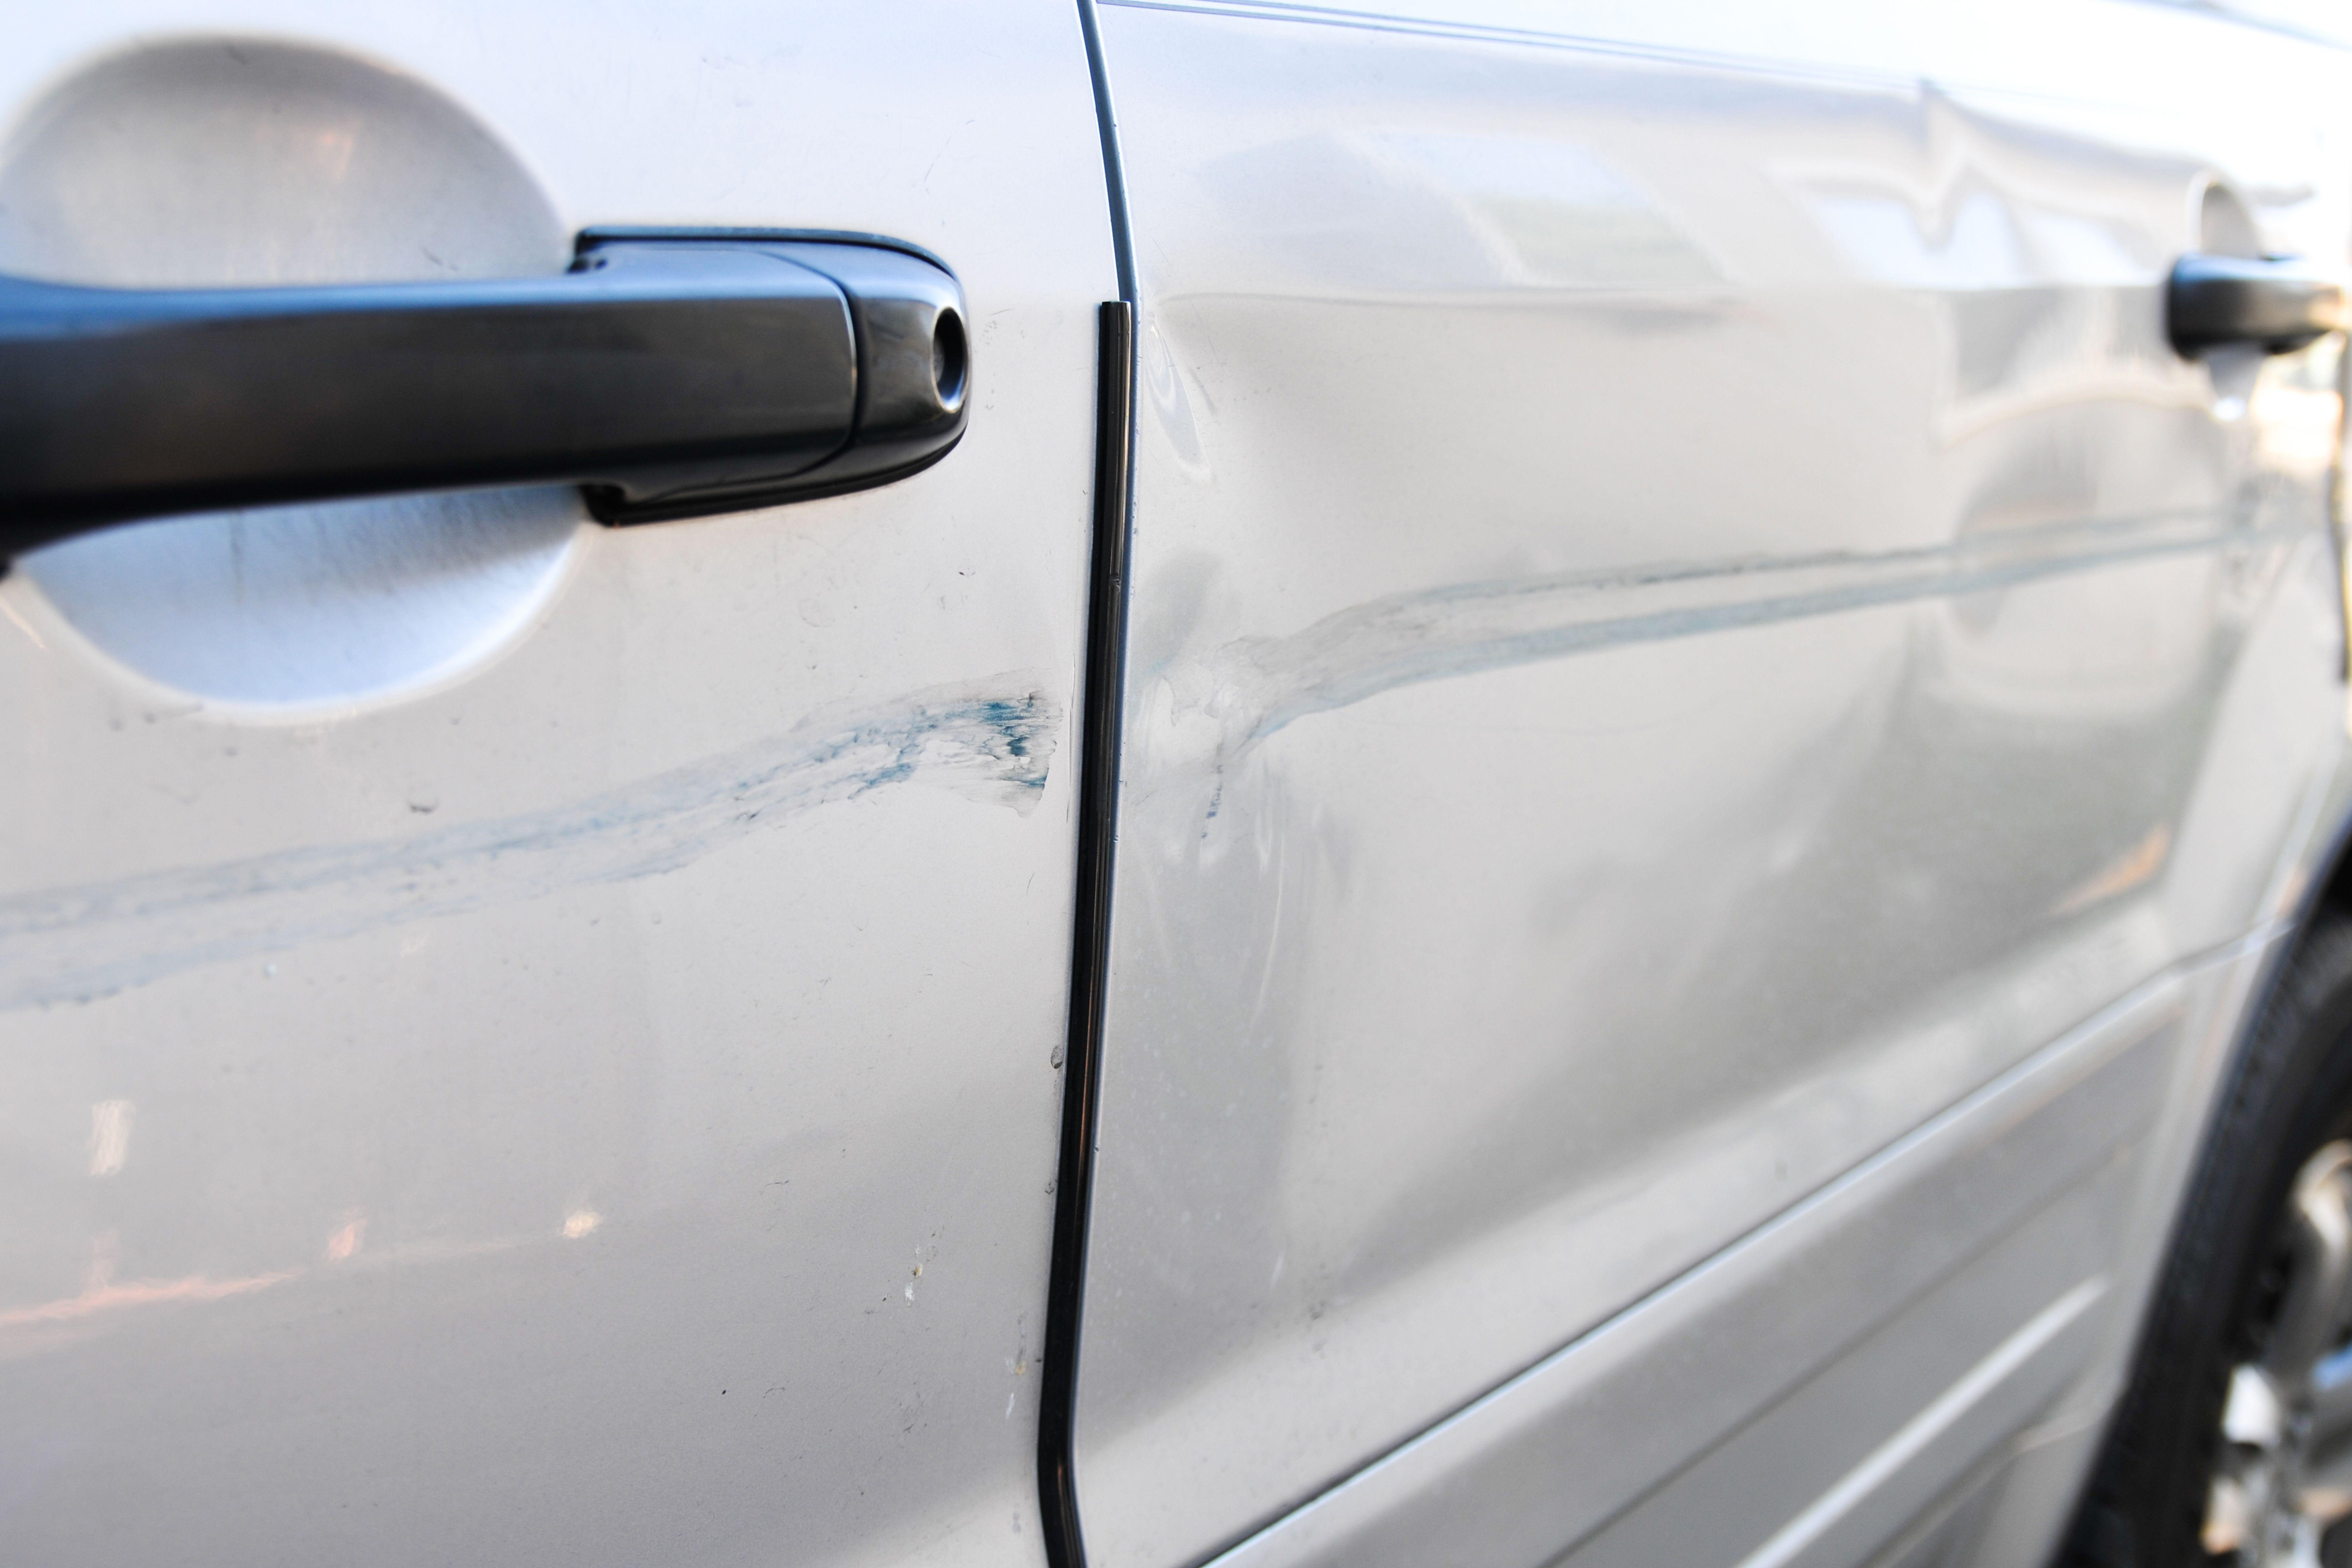 Diy car scratch repair diy car cars and car cleaning